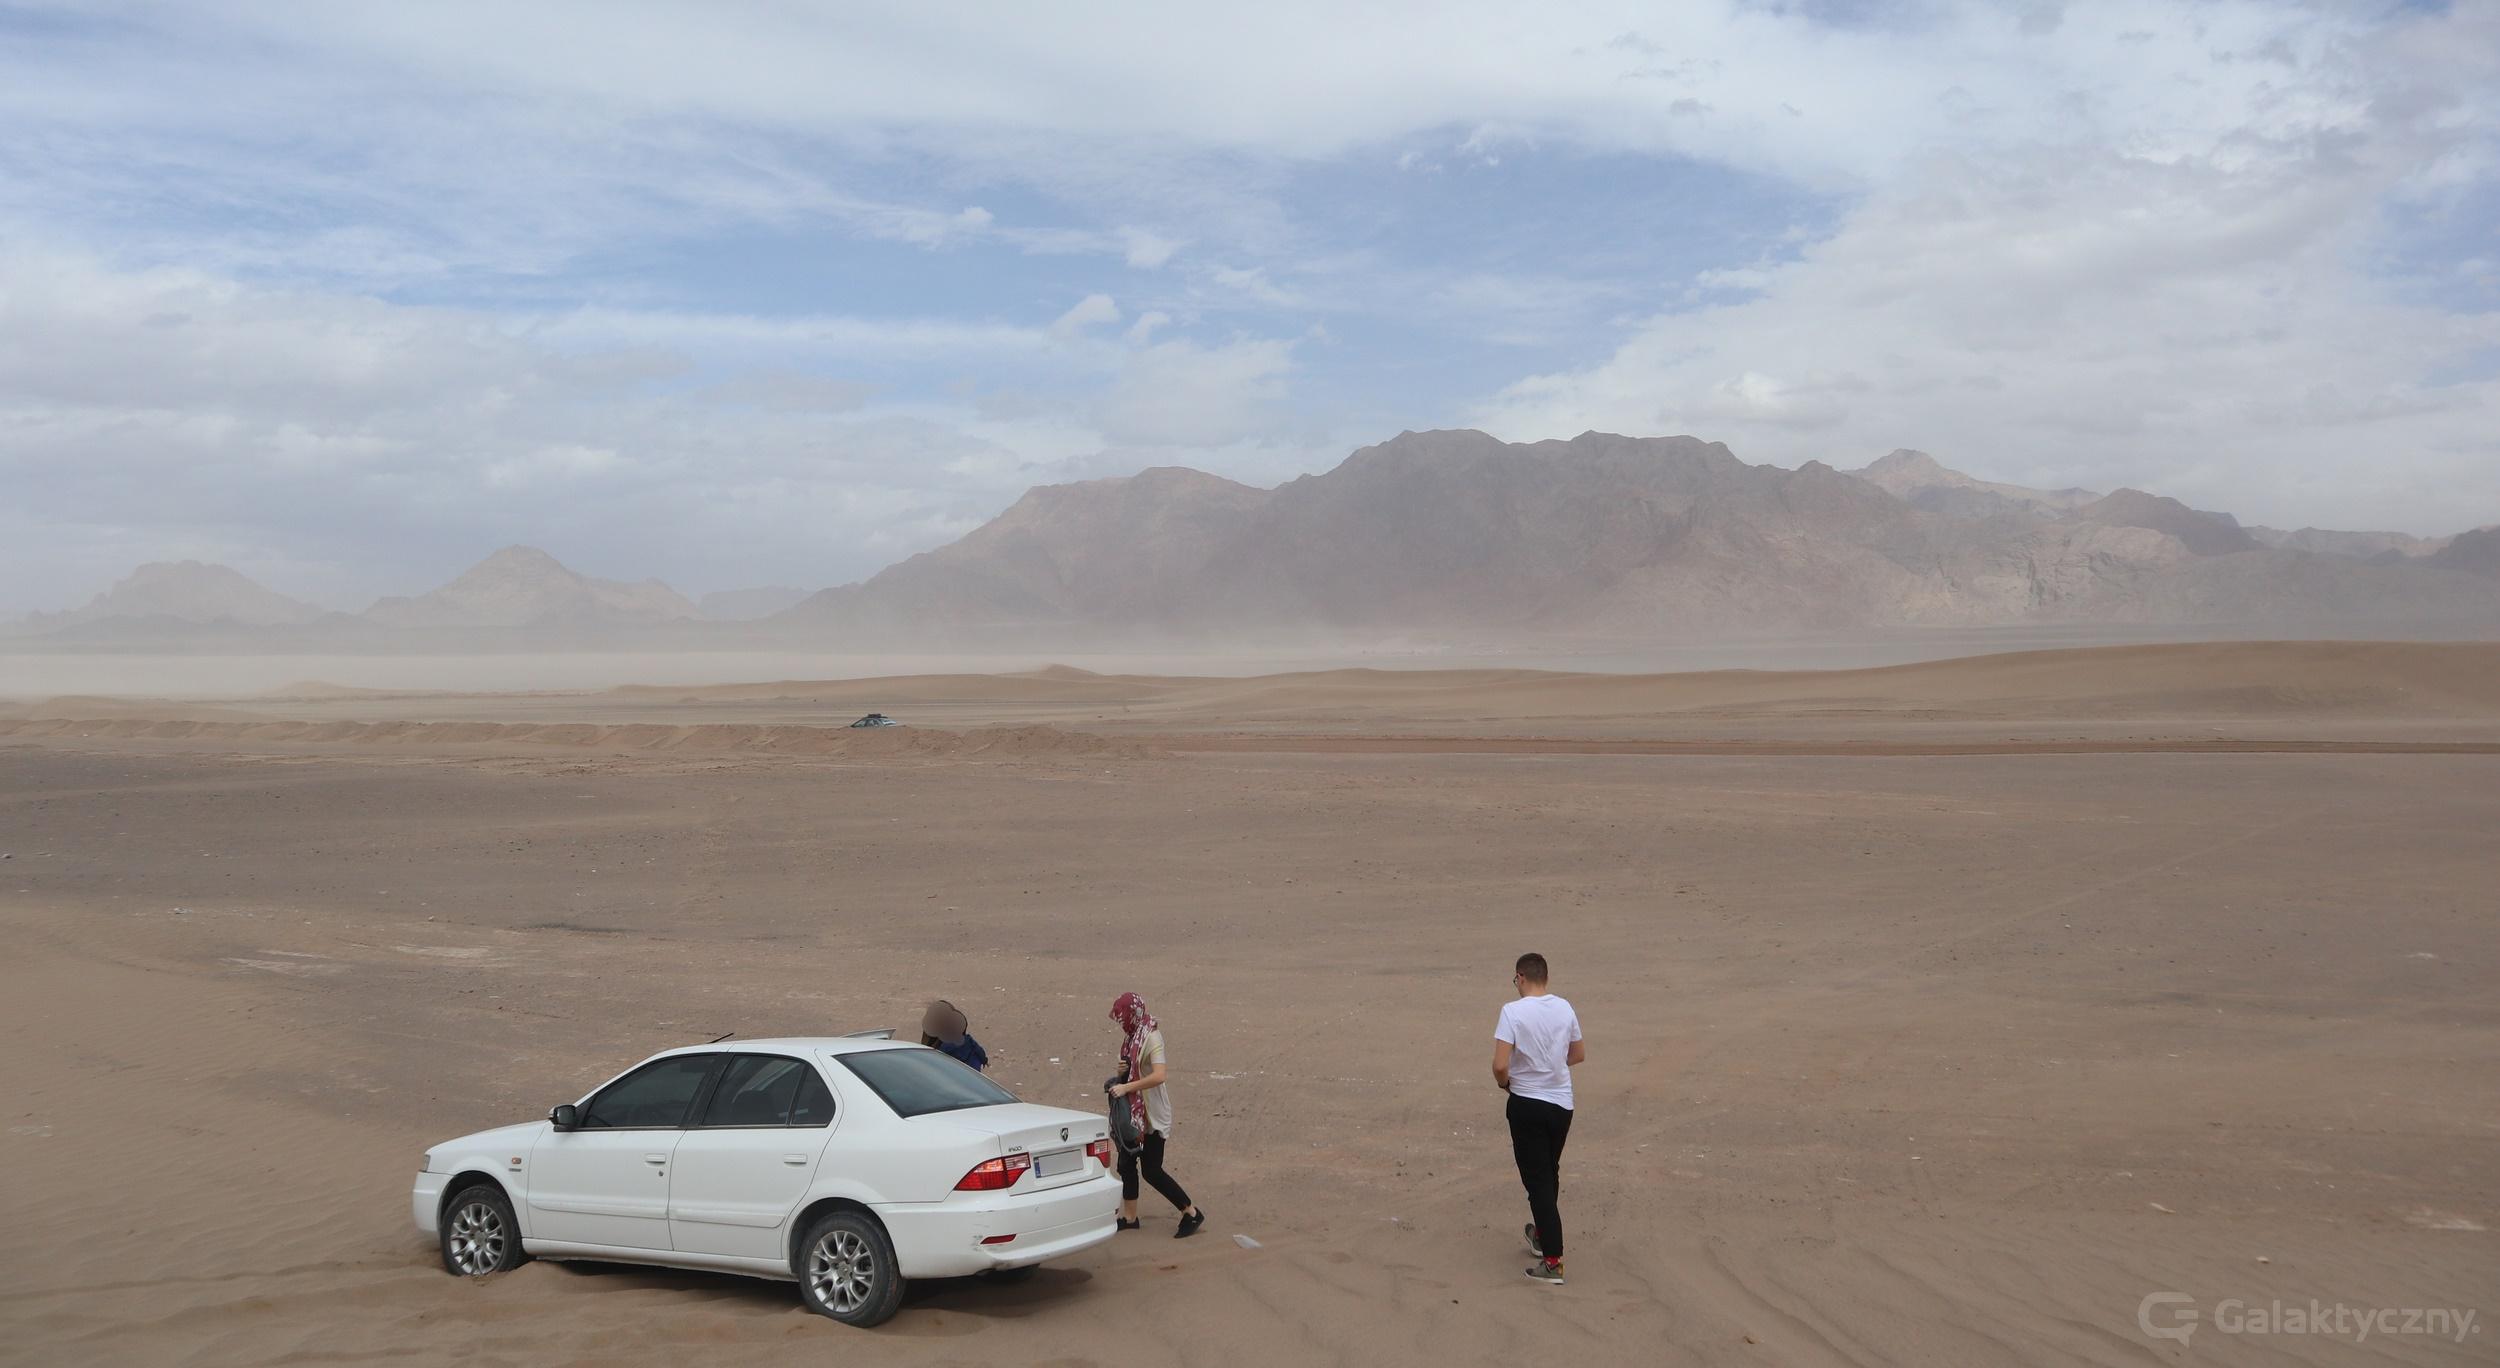 Jazd - auto w piasku